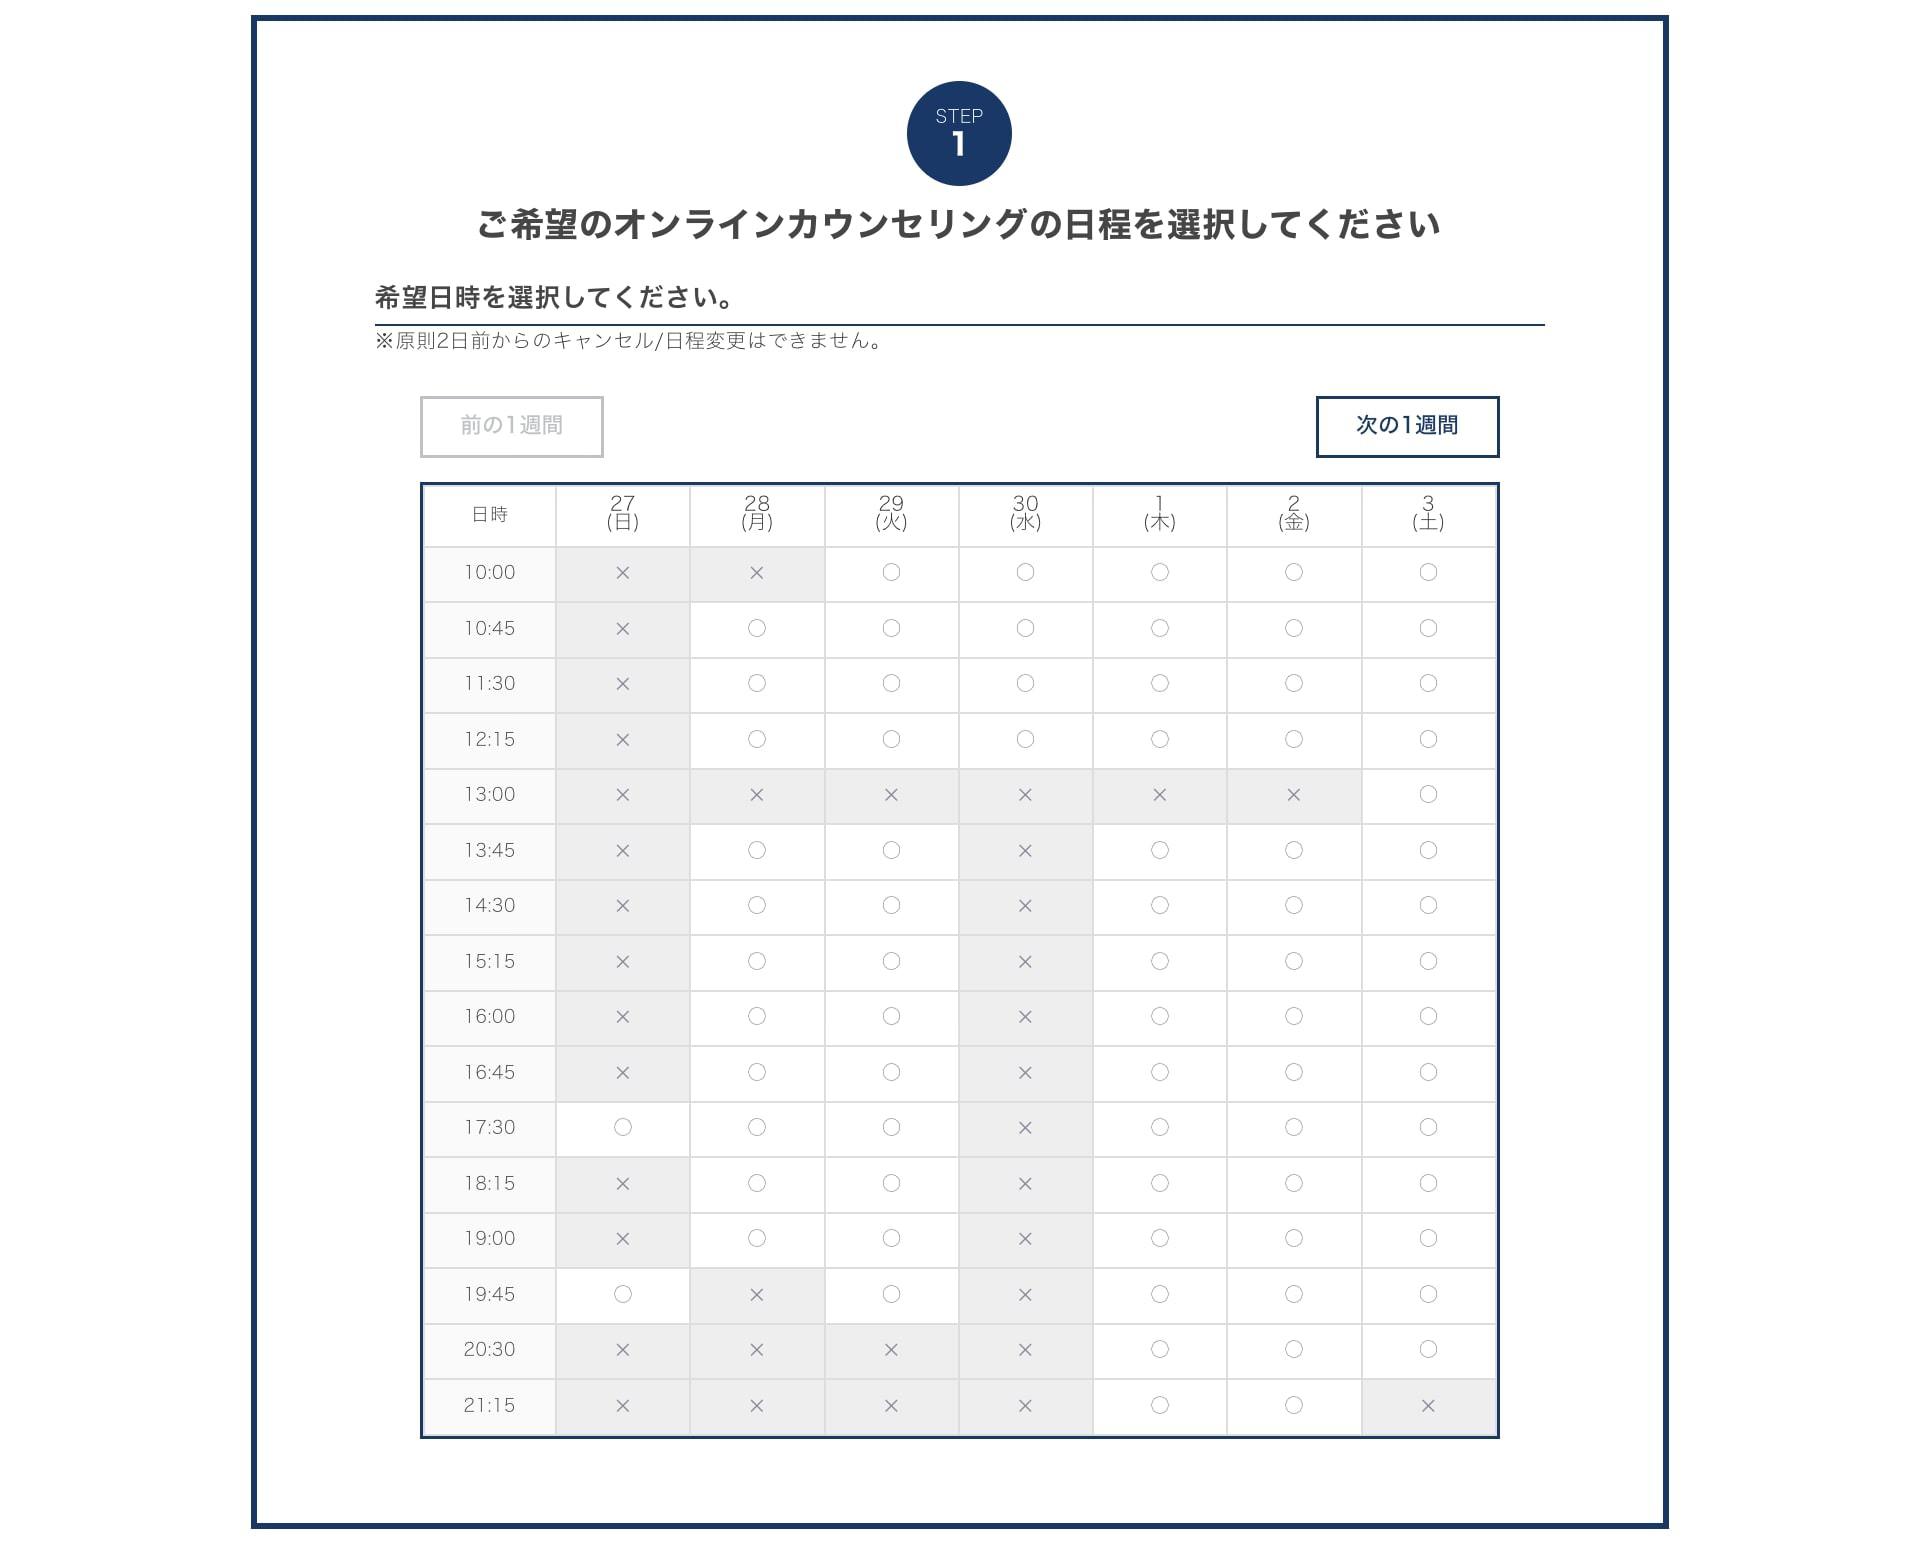 テックキャンプデザイナー転職コース無料カウンセリング登録フォームNO1